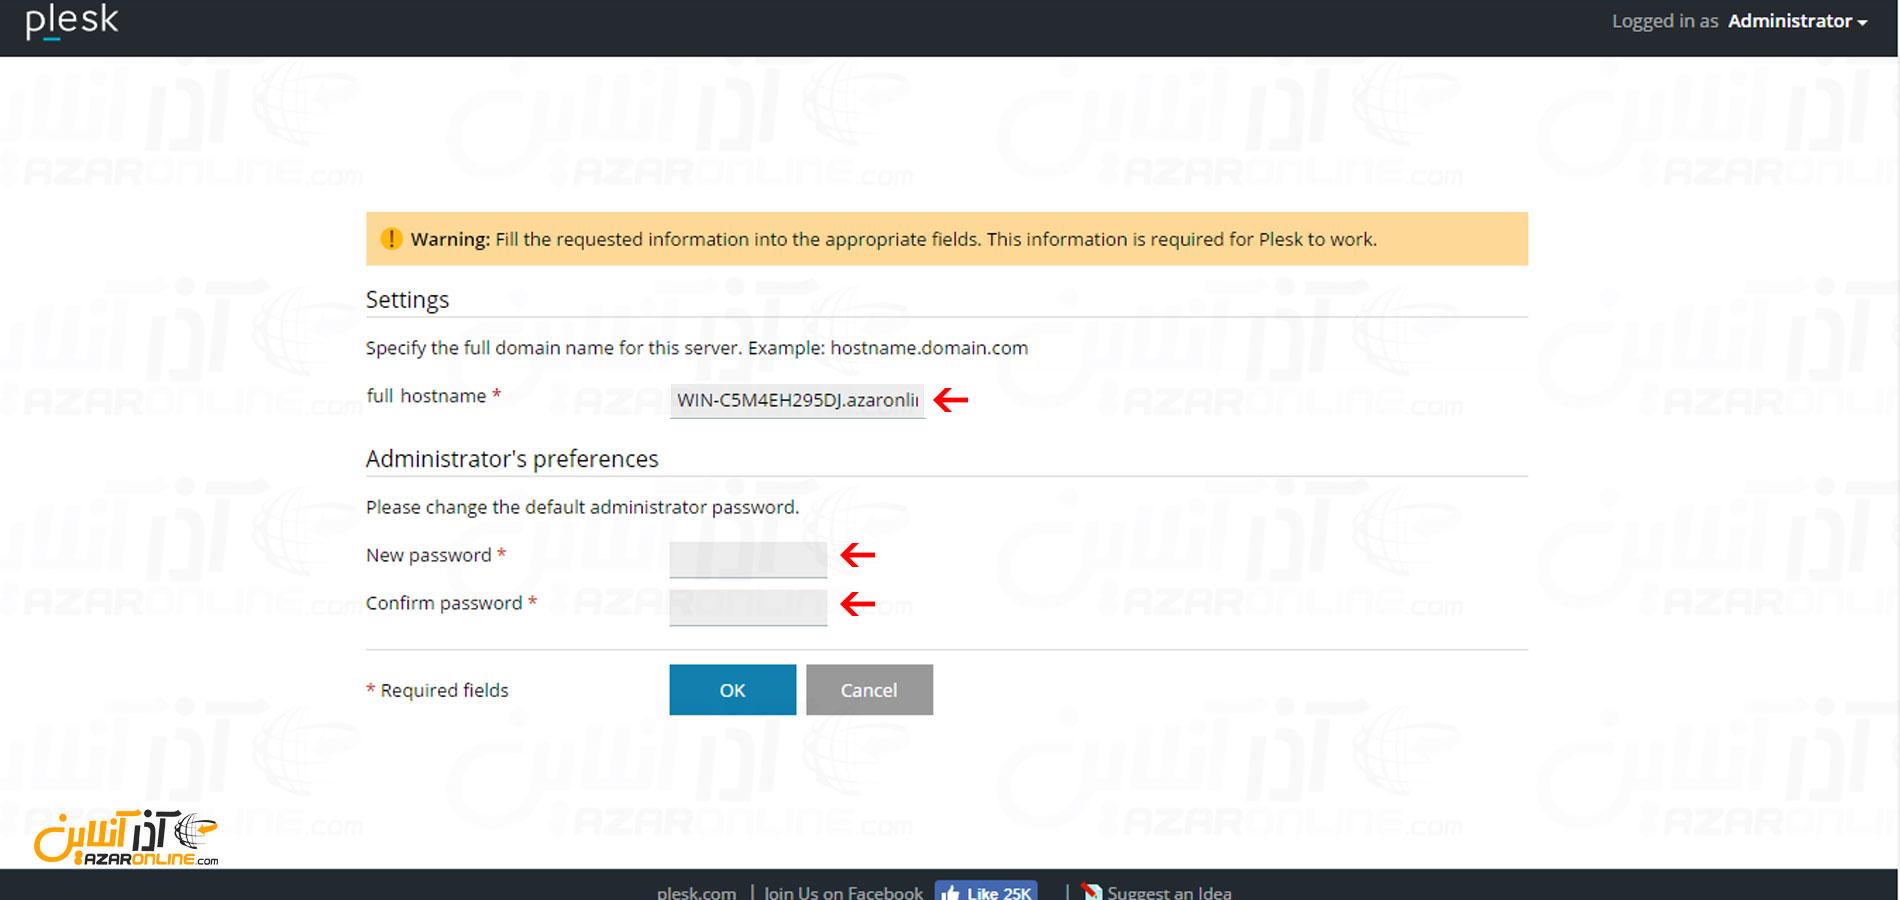 آموزش نصب کنترل پنل پلسک در ویندوز- وارد کردن نام هاست